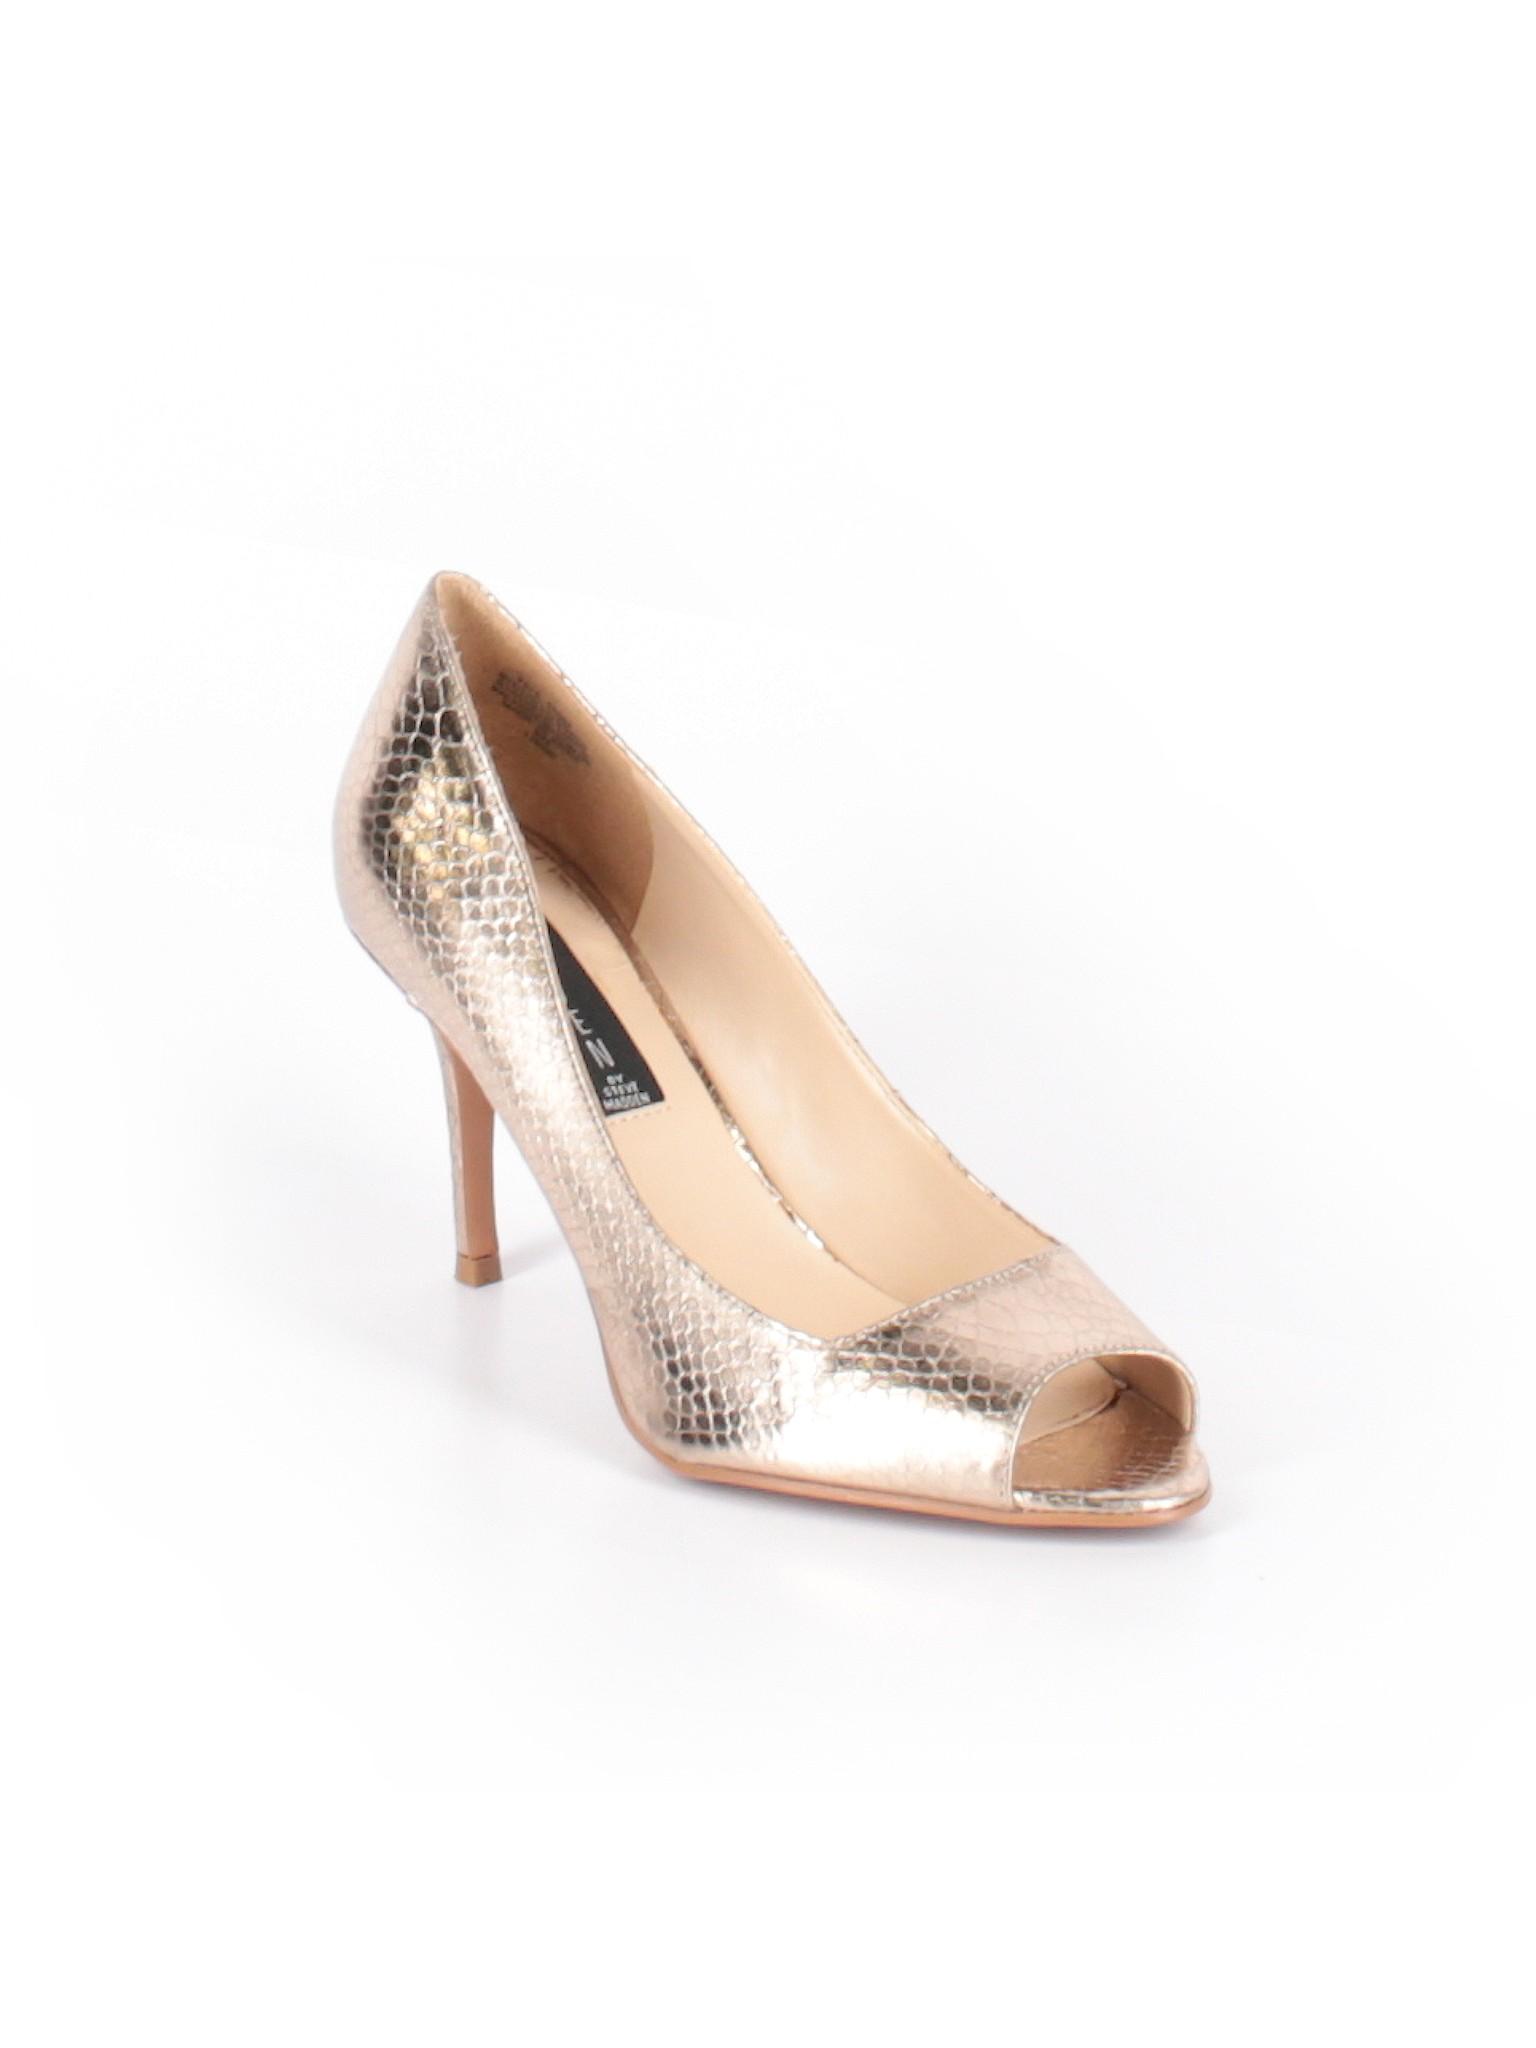 Boutique Heels Steve Madden by promotion Steven ByWr4aPB